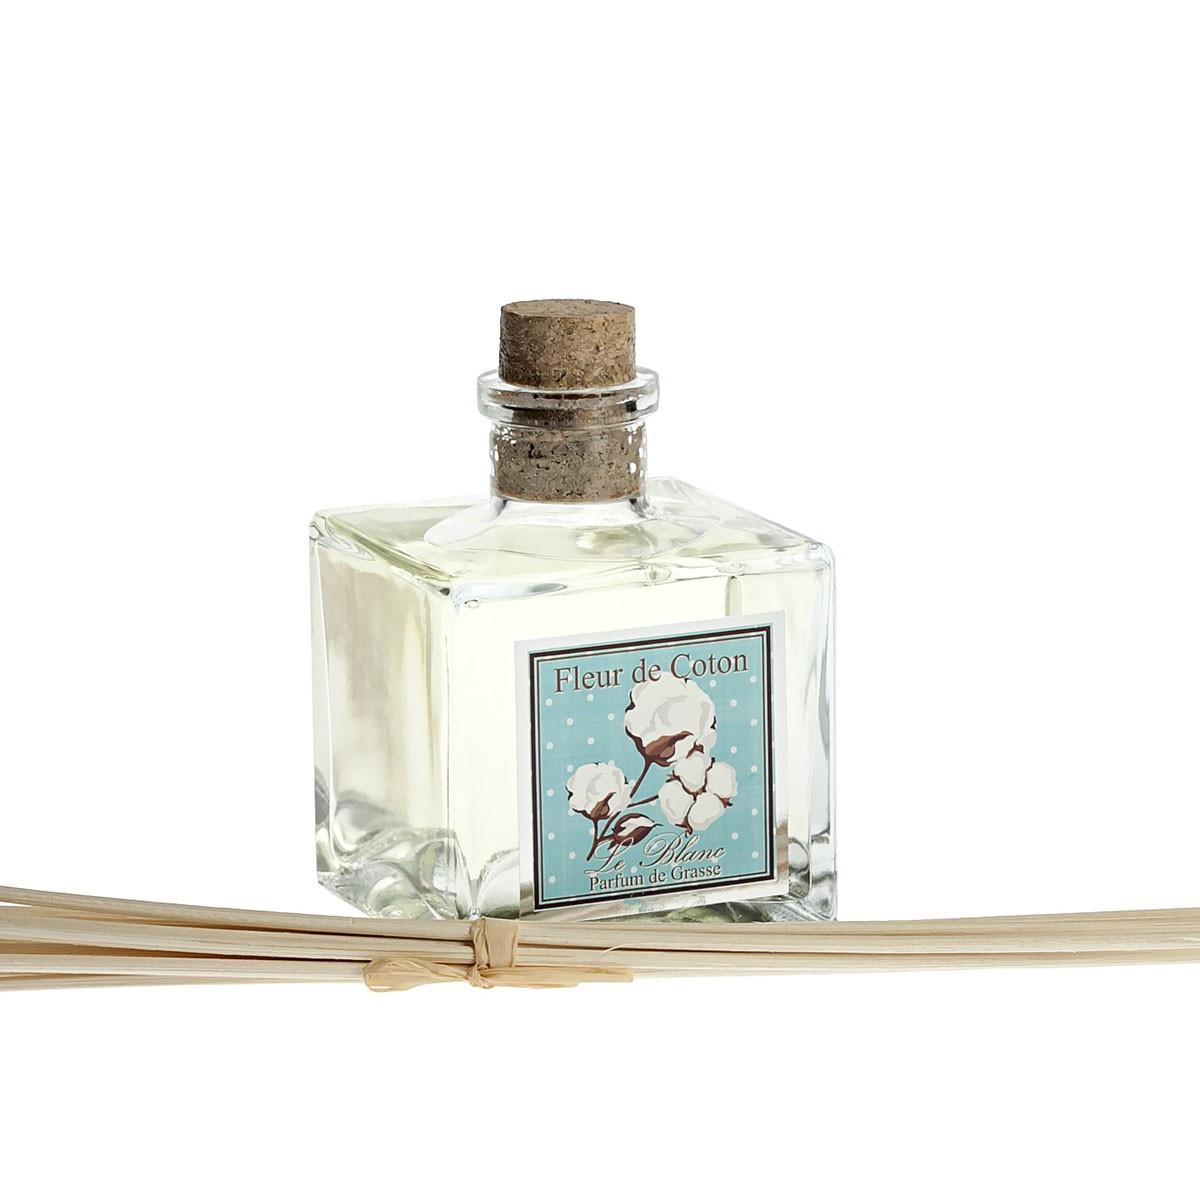 Ароматический диффузор Le Blanc Хлопок, СтеклоBQT 69Аромат белого хлопка – это свежий, нежный и чувственный аромат, который нам принёс весенний лёгкий бриз с белоснежных хлопковых полей. Это аромат женственности и любви, очень лёгкий цветочный запах, который напоминает нам о весне и любви. Это аромат чистоты и бесконечности, вдыхая который видишь бесконечные полотнища белоснежных струящихся тканей, невесомых «хлопковых» облаков над землёй и зелень полей и трав, устлавших хлопковые поля. Психо-эмоциональное воздействие:иЛёгкий и нежный прекрасный аромат отгонит прочь все печальные и тревожные мысли и оставит лишь ощущение радости и полноты жизни. Это аромат тех, кто умеет наслаждаться красотой и лёгкостью бытия. Он перенастроит ваше настроение на совершенно новый эмоциональный лад – на восприятие красоты и чувственного очарования окружающего мира.Магическое воздействие: Аромат белого хлопка очищает нашу ауру и энергетику, и наполняет её новыми положительными эмоциями. Аромат настраивает нашу душу на духовный лад, открывает пути к познанию высоких истин. Это аромат, приближающий нас к небу и мотивирующий к духовному самосовершенствованию.Диффузор, упакованный в подарочную коробку, будет отличным подарком. В комплект входит емкость с жидкостью в выбранном объеме, тростниковые палочки, картонная коробочка.